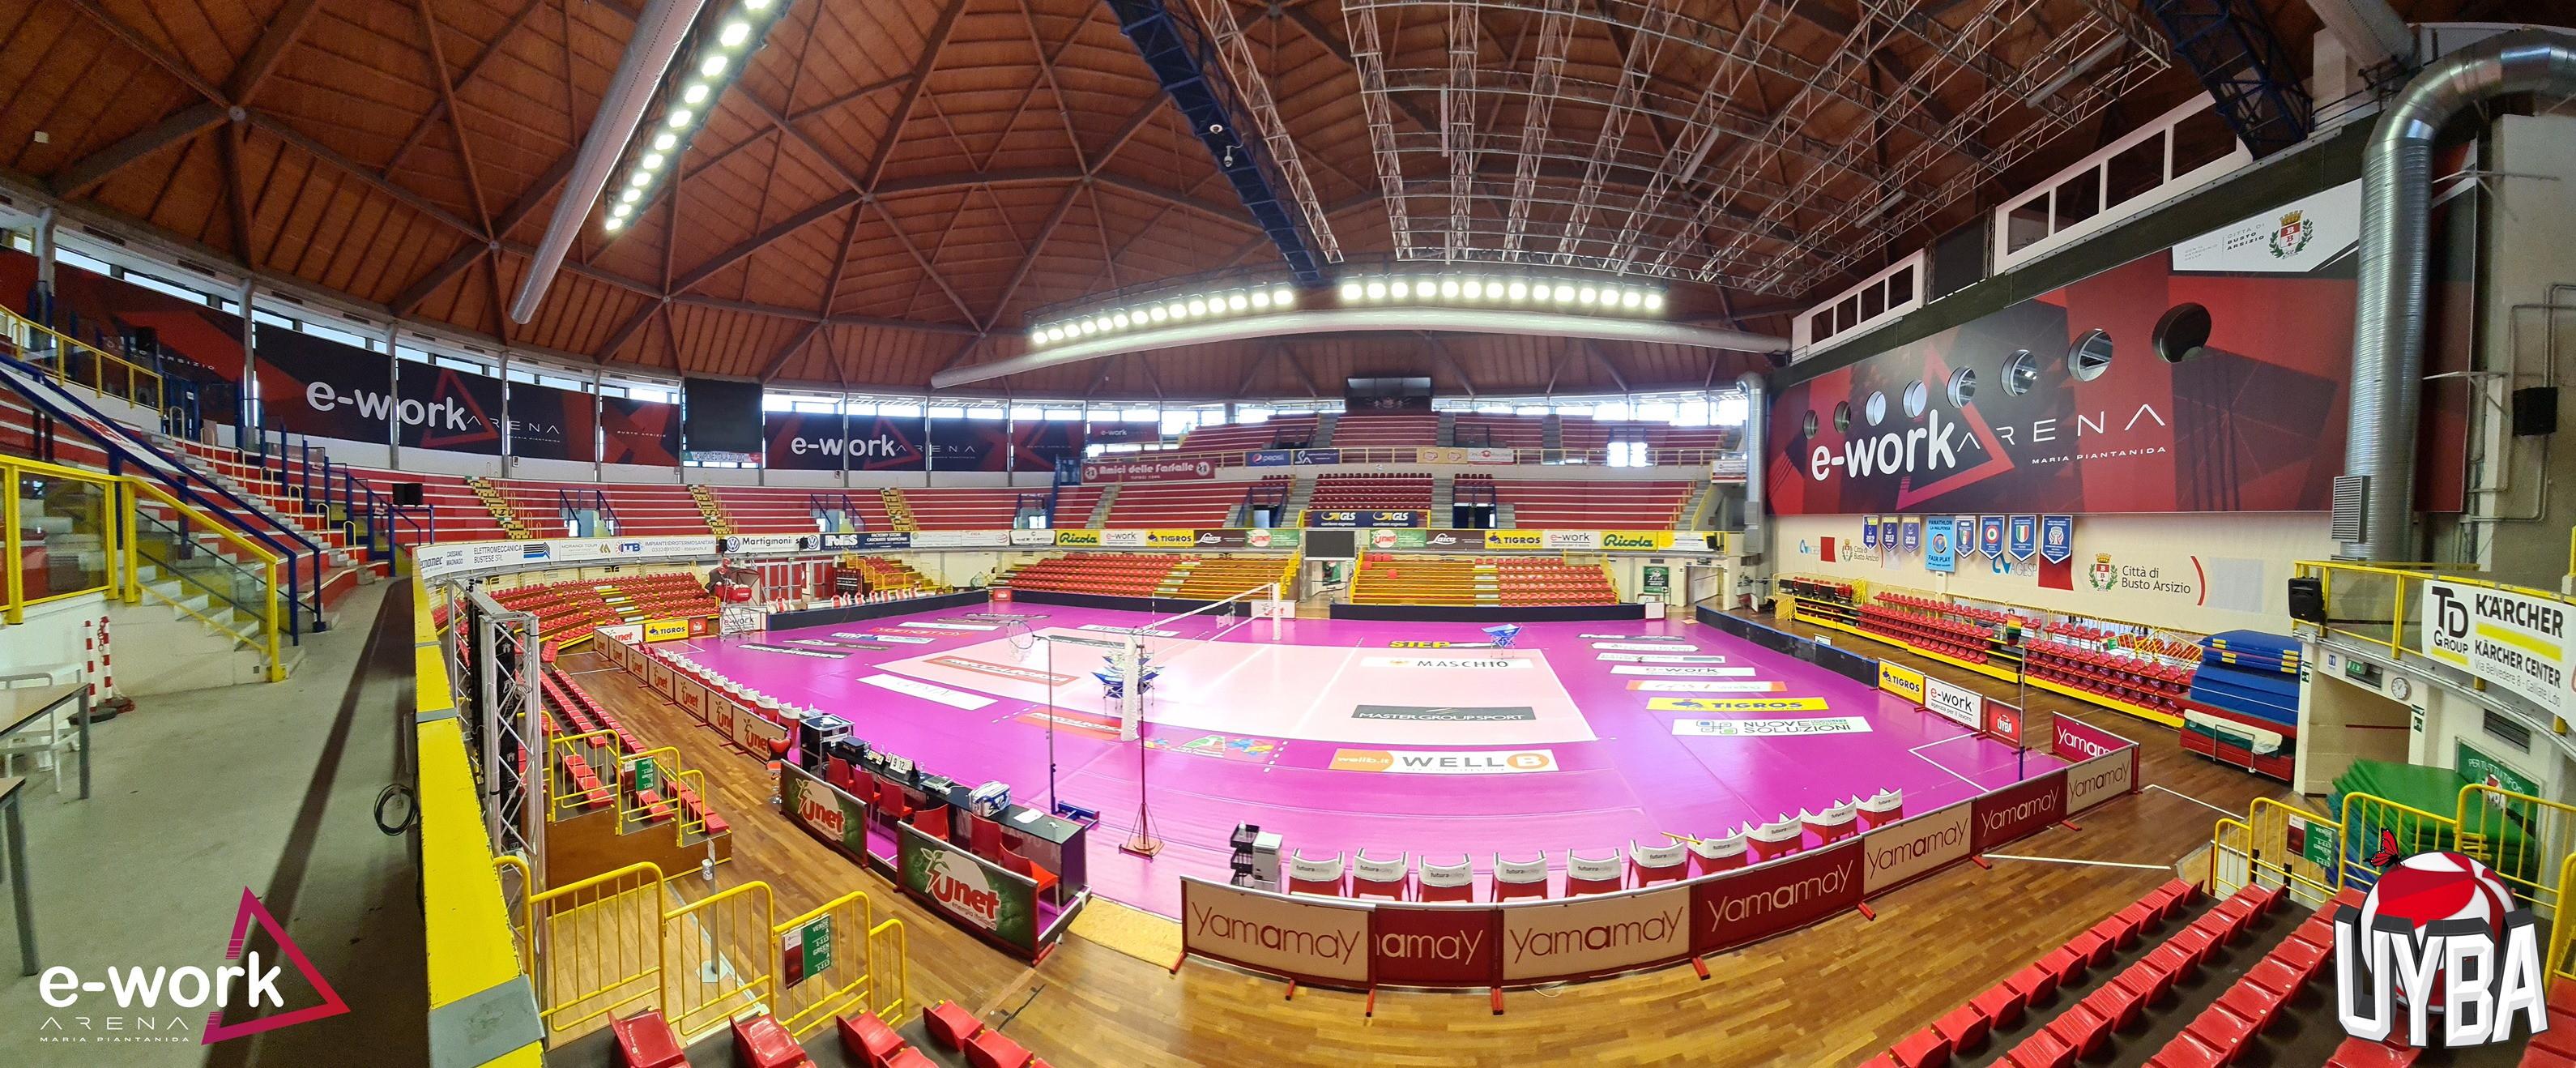 Il teatro delle storie sportive e delle imprese storiche della UYBA Volley cambia denominazione: inaugurato nel 1997 e dal 2007 Palayamamay, diventa e-work Arena.